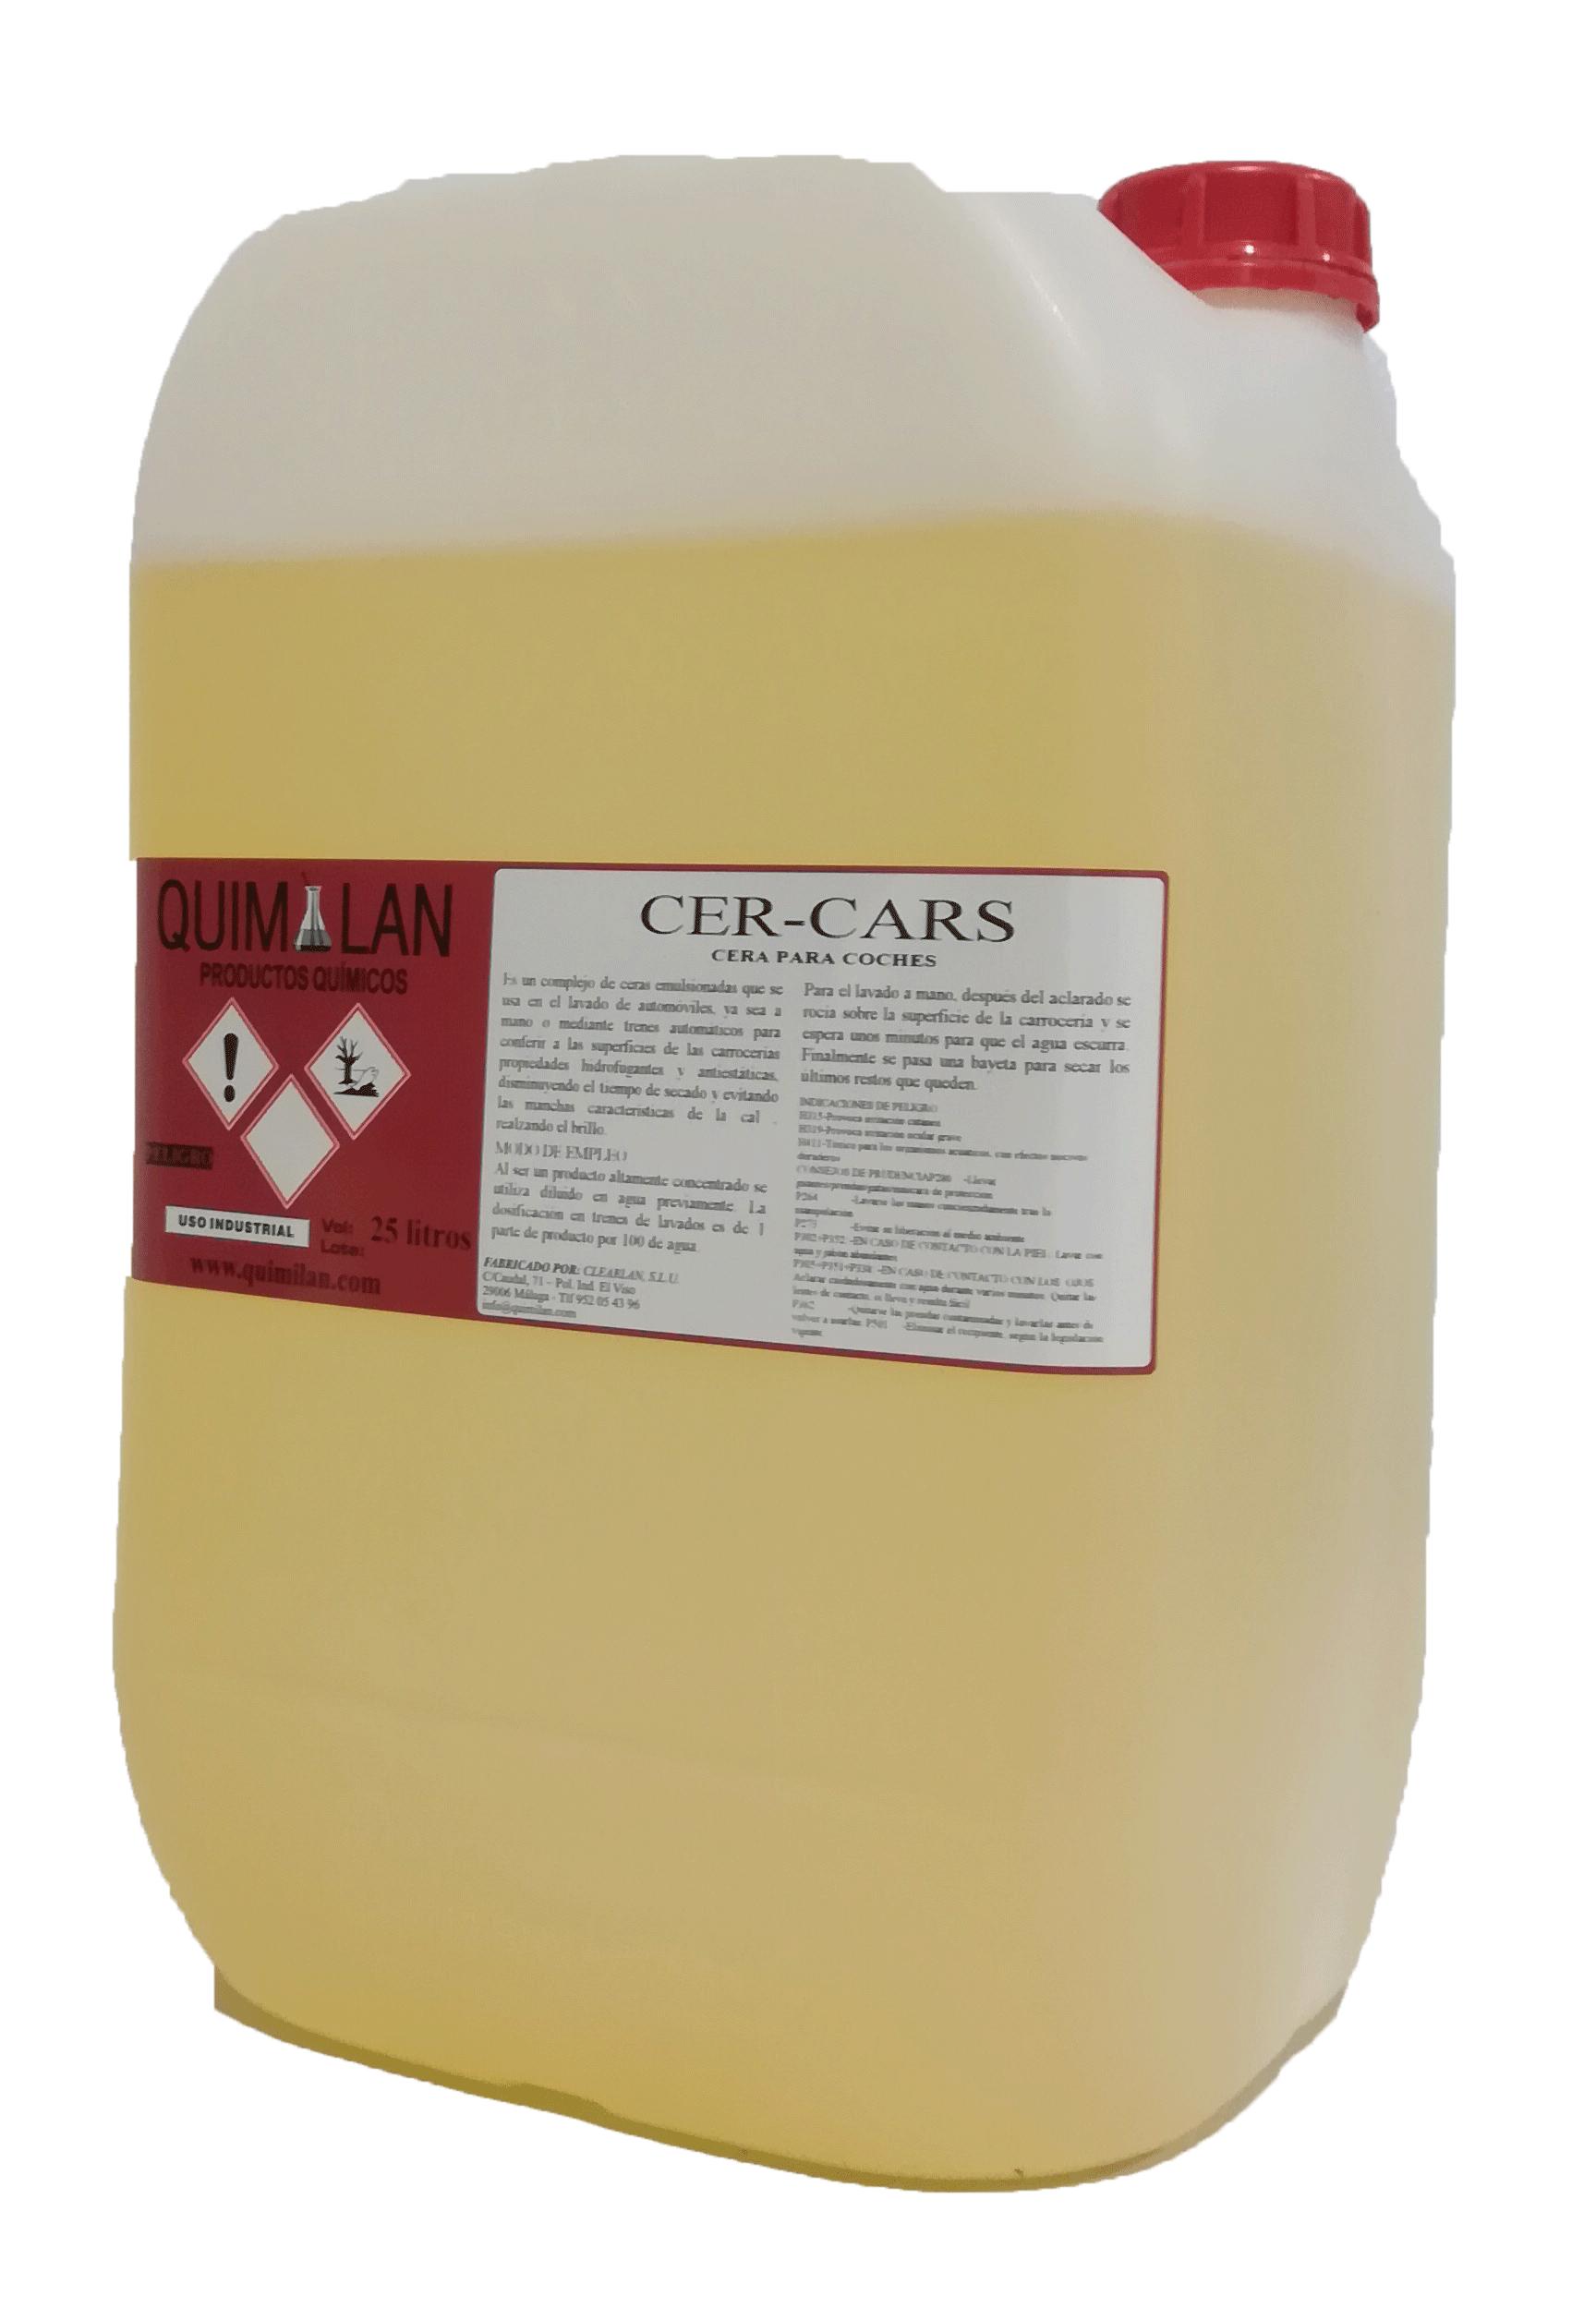 Limpieza Productos Quimicos Quimilan Cercars en Malaga